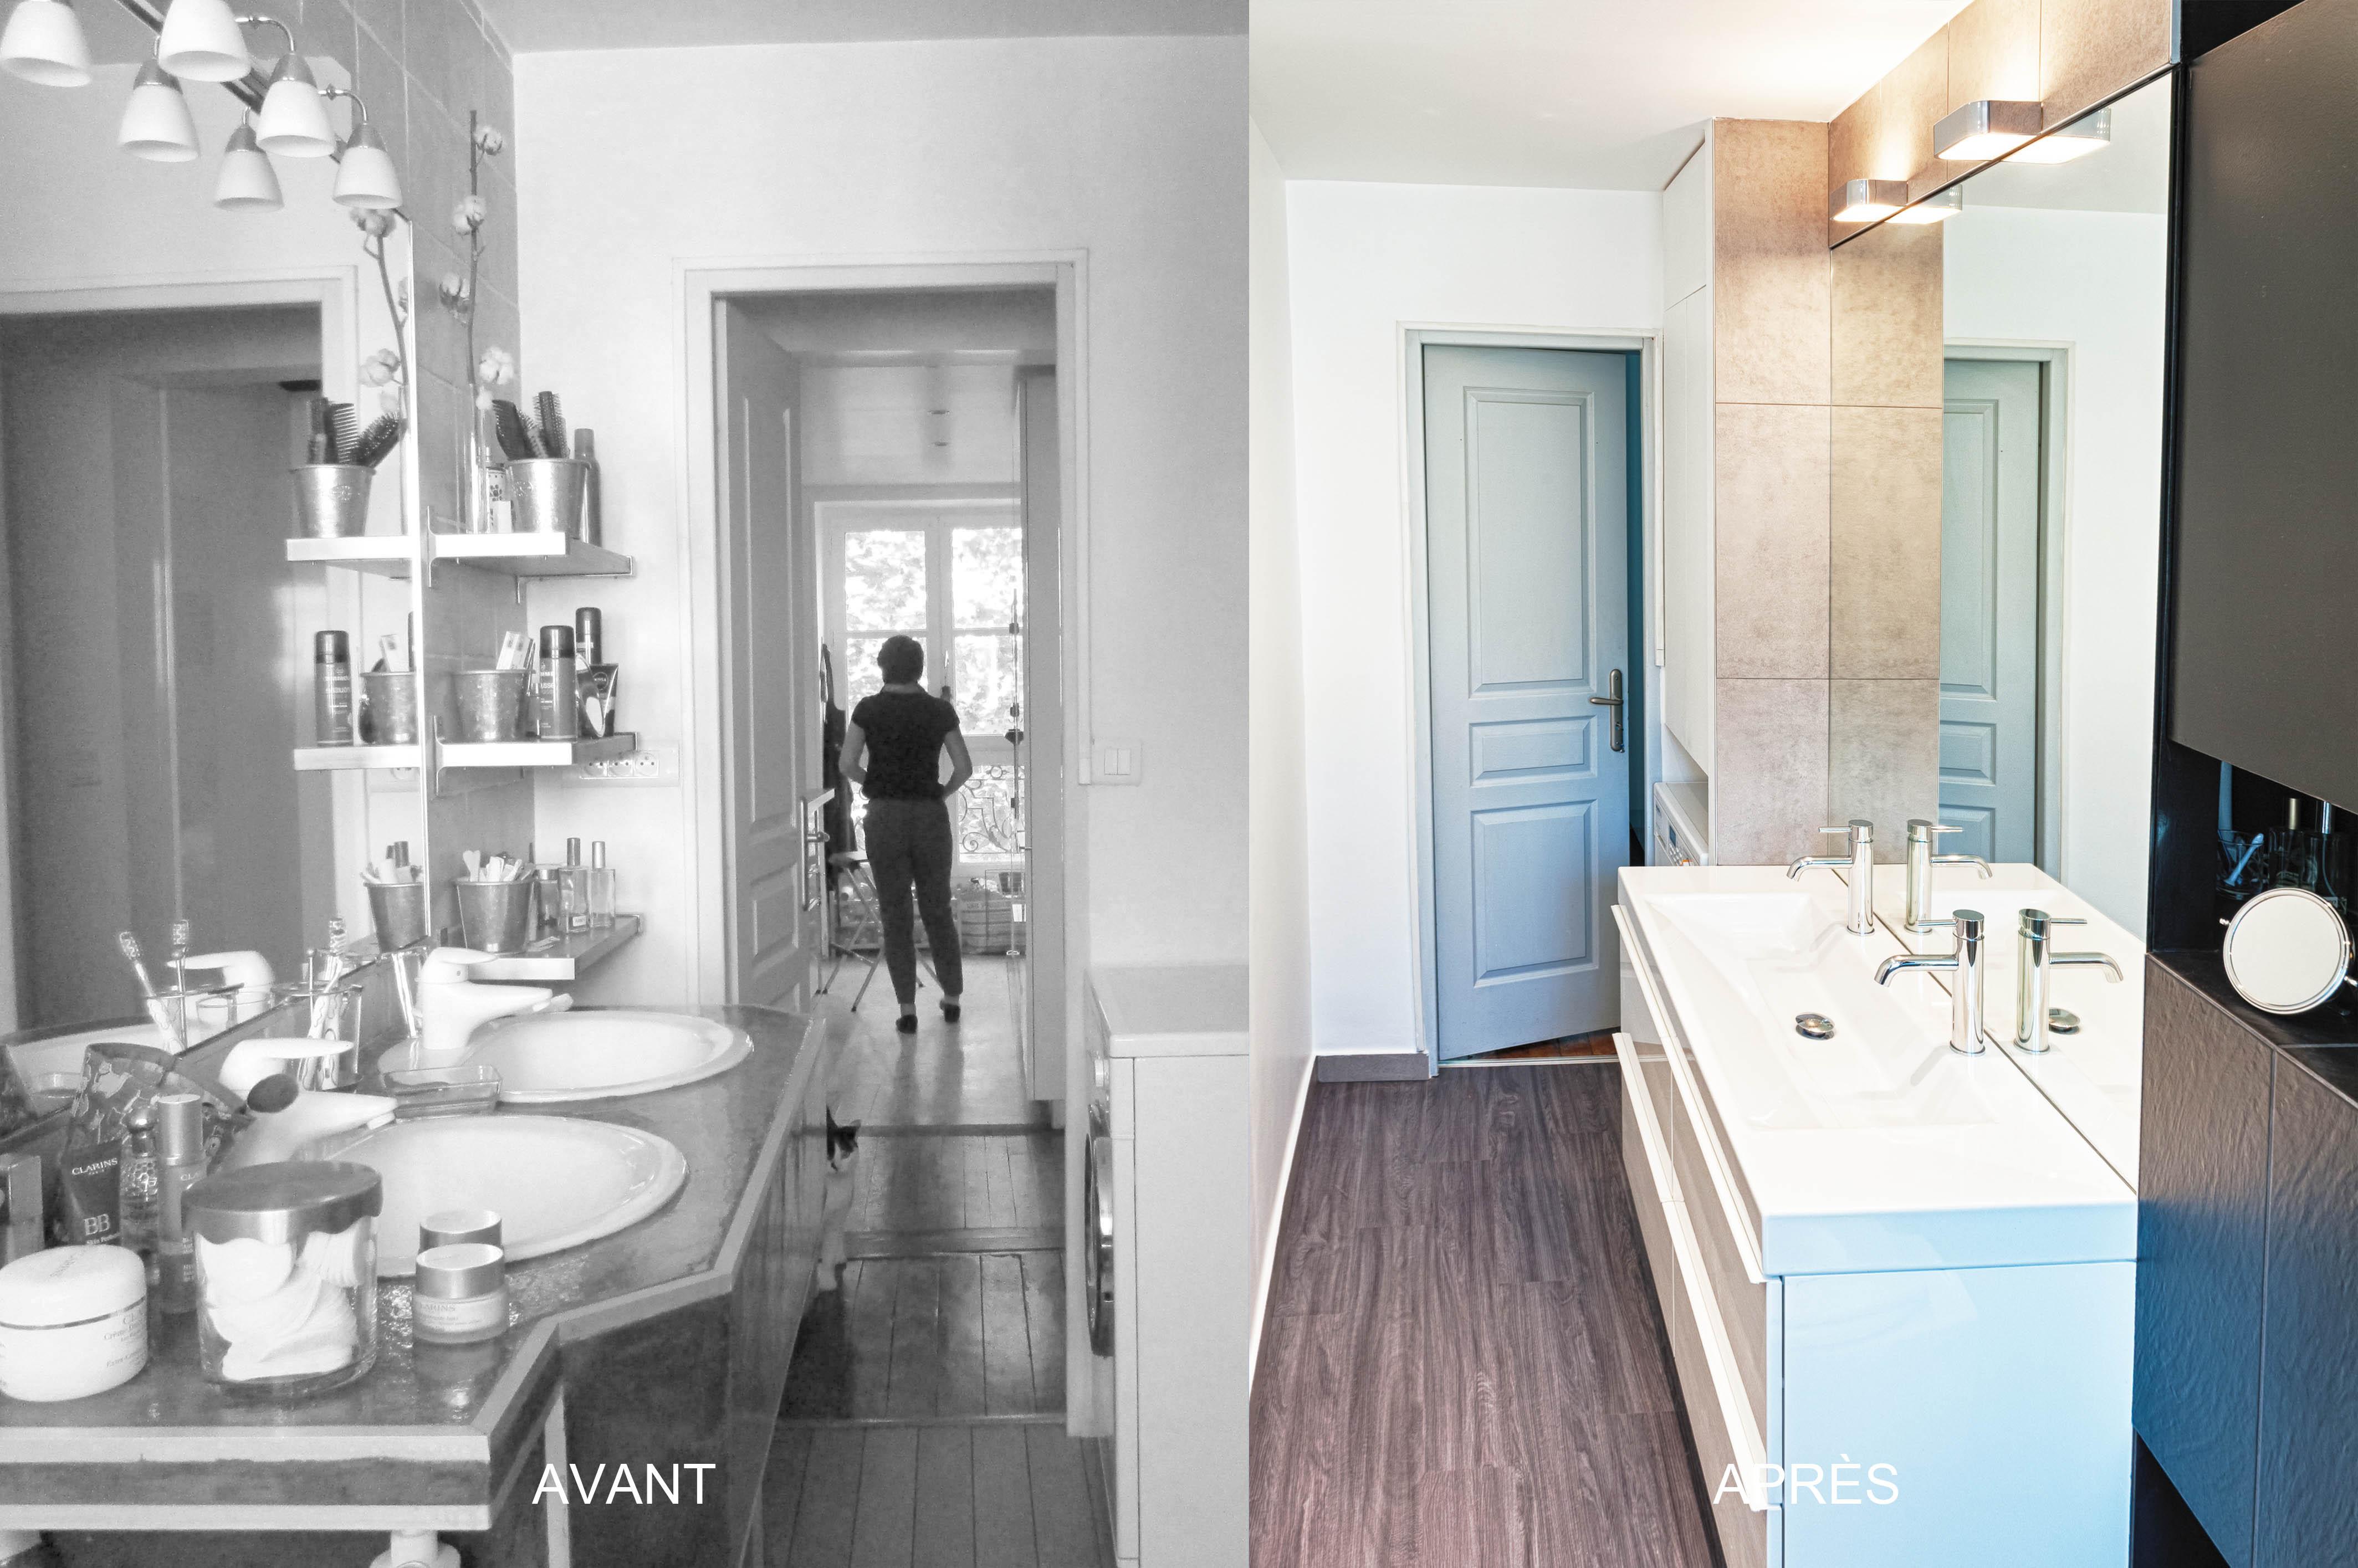 Projet E&J salle de bain